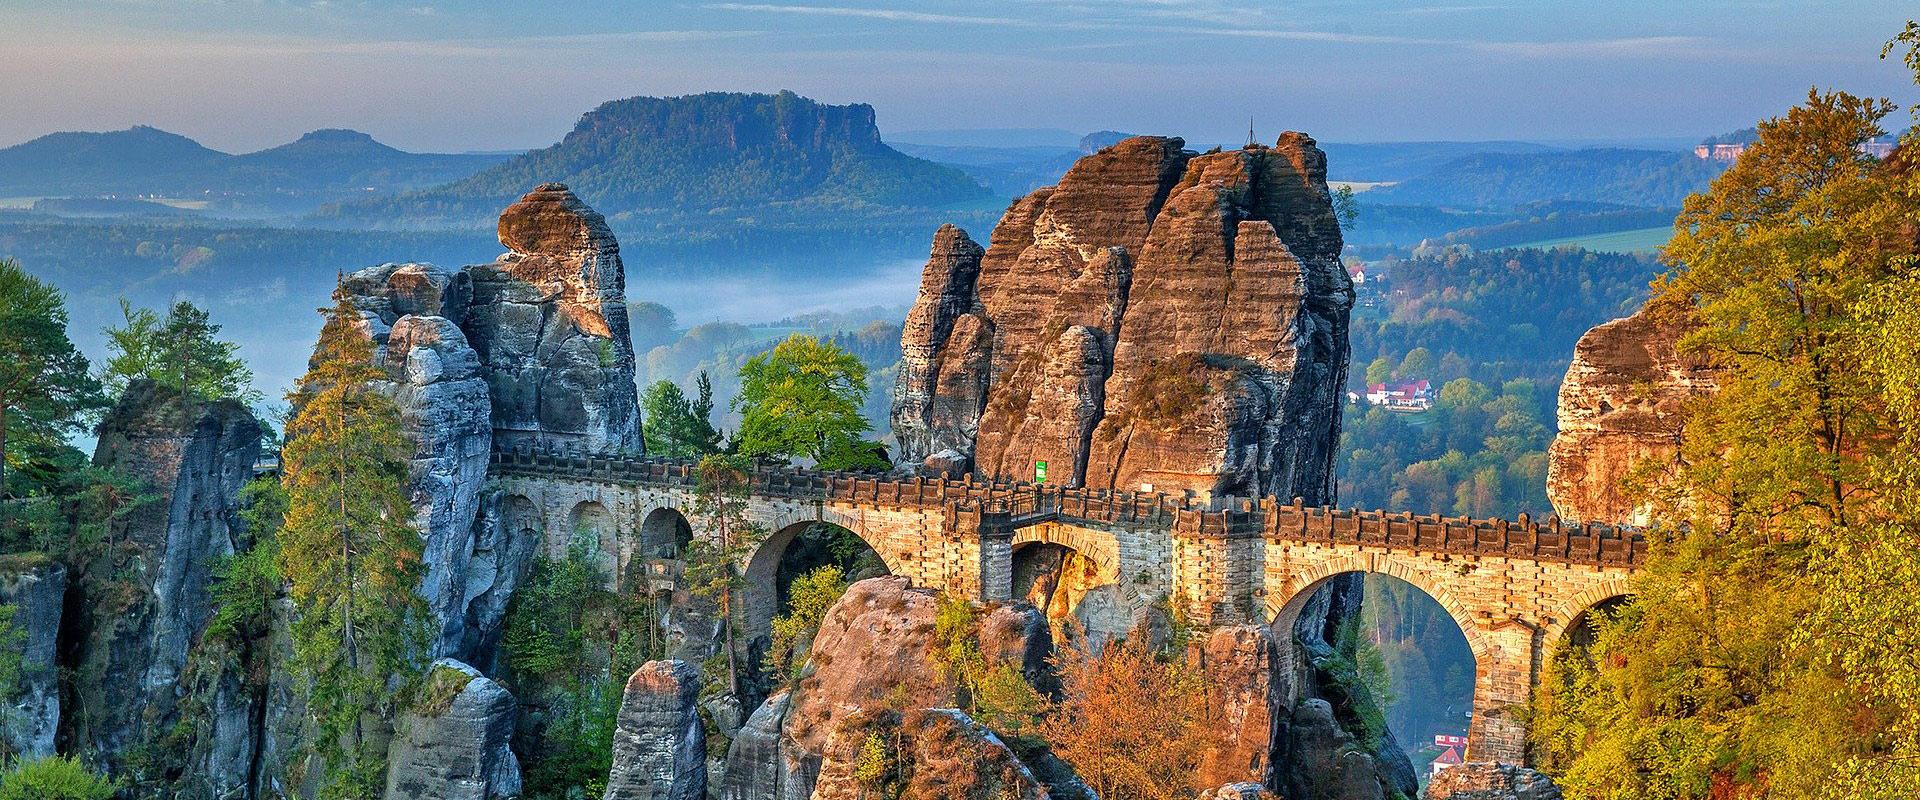 Sächsische Schweiz - Basteibrücke